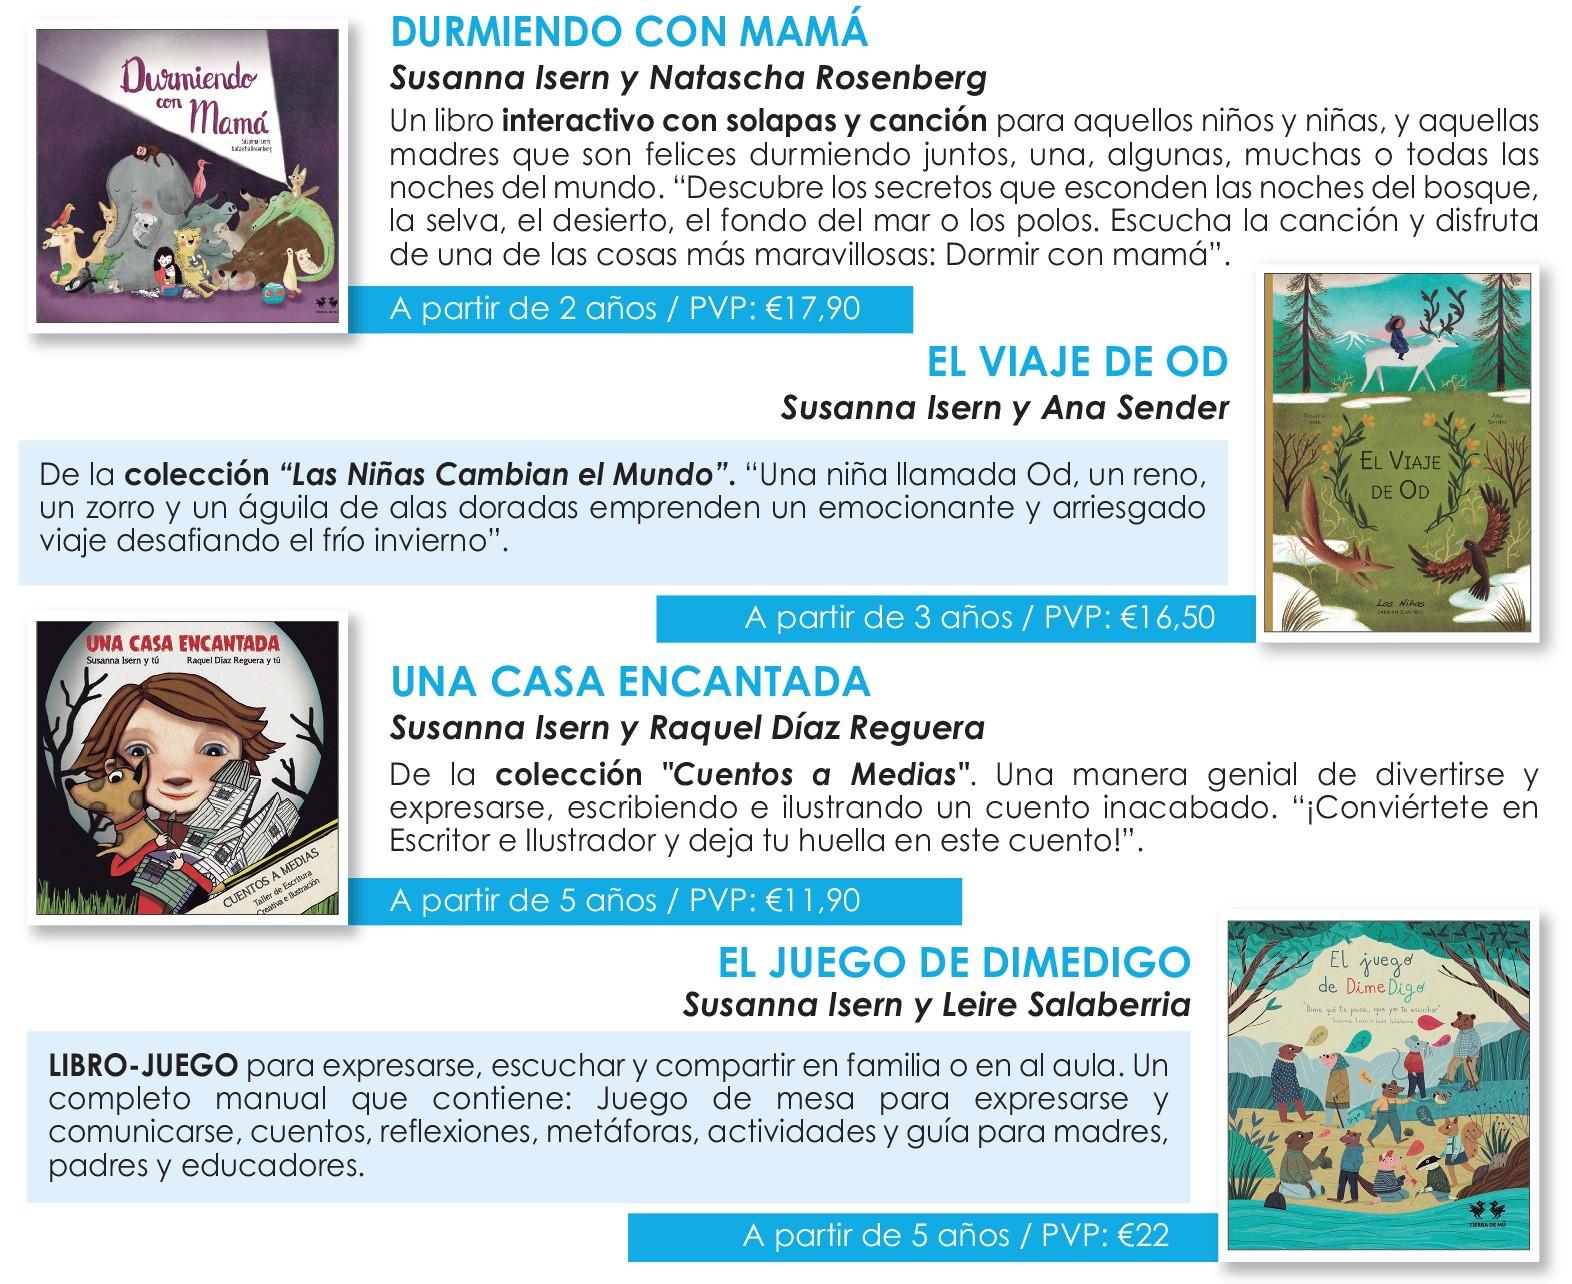 Calendario Escolar 2020 Xunta Más Actual Plis Plas El Blog Feliz 2016 Of Calendario Escolar 2020 Xunta Más Recientemente Liberado Blog Ayuntamiento De Ourense